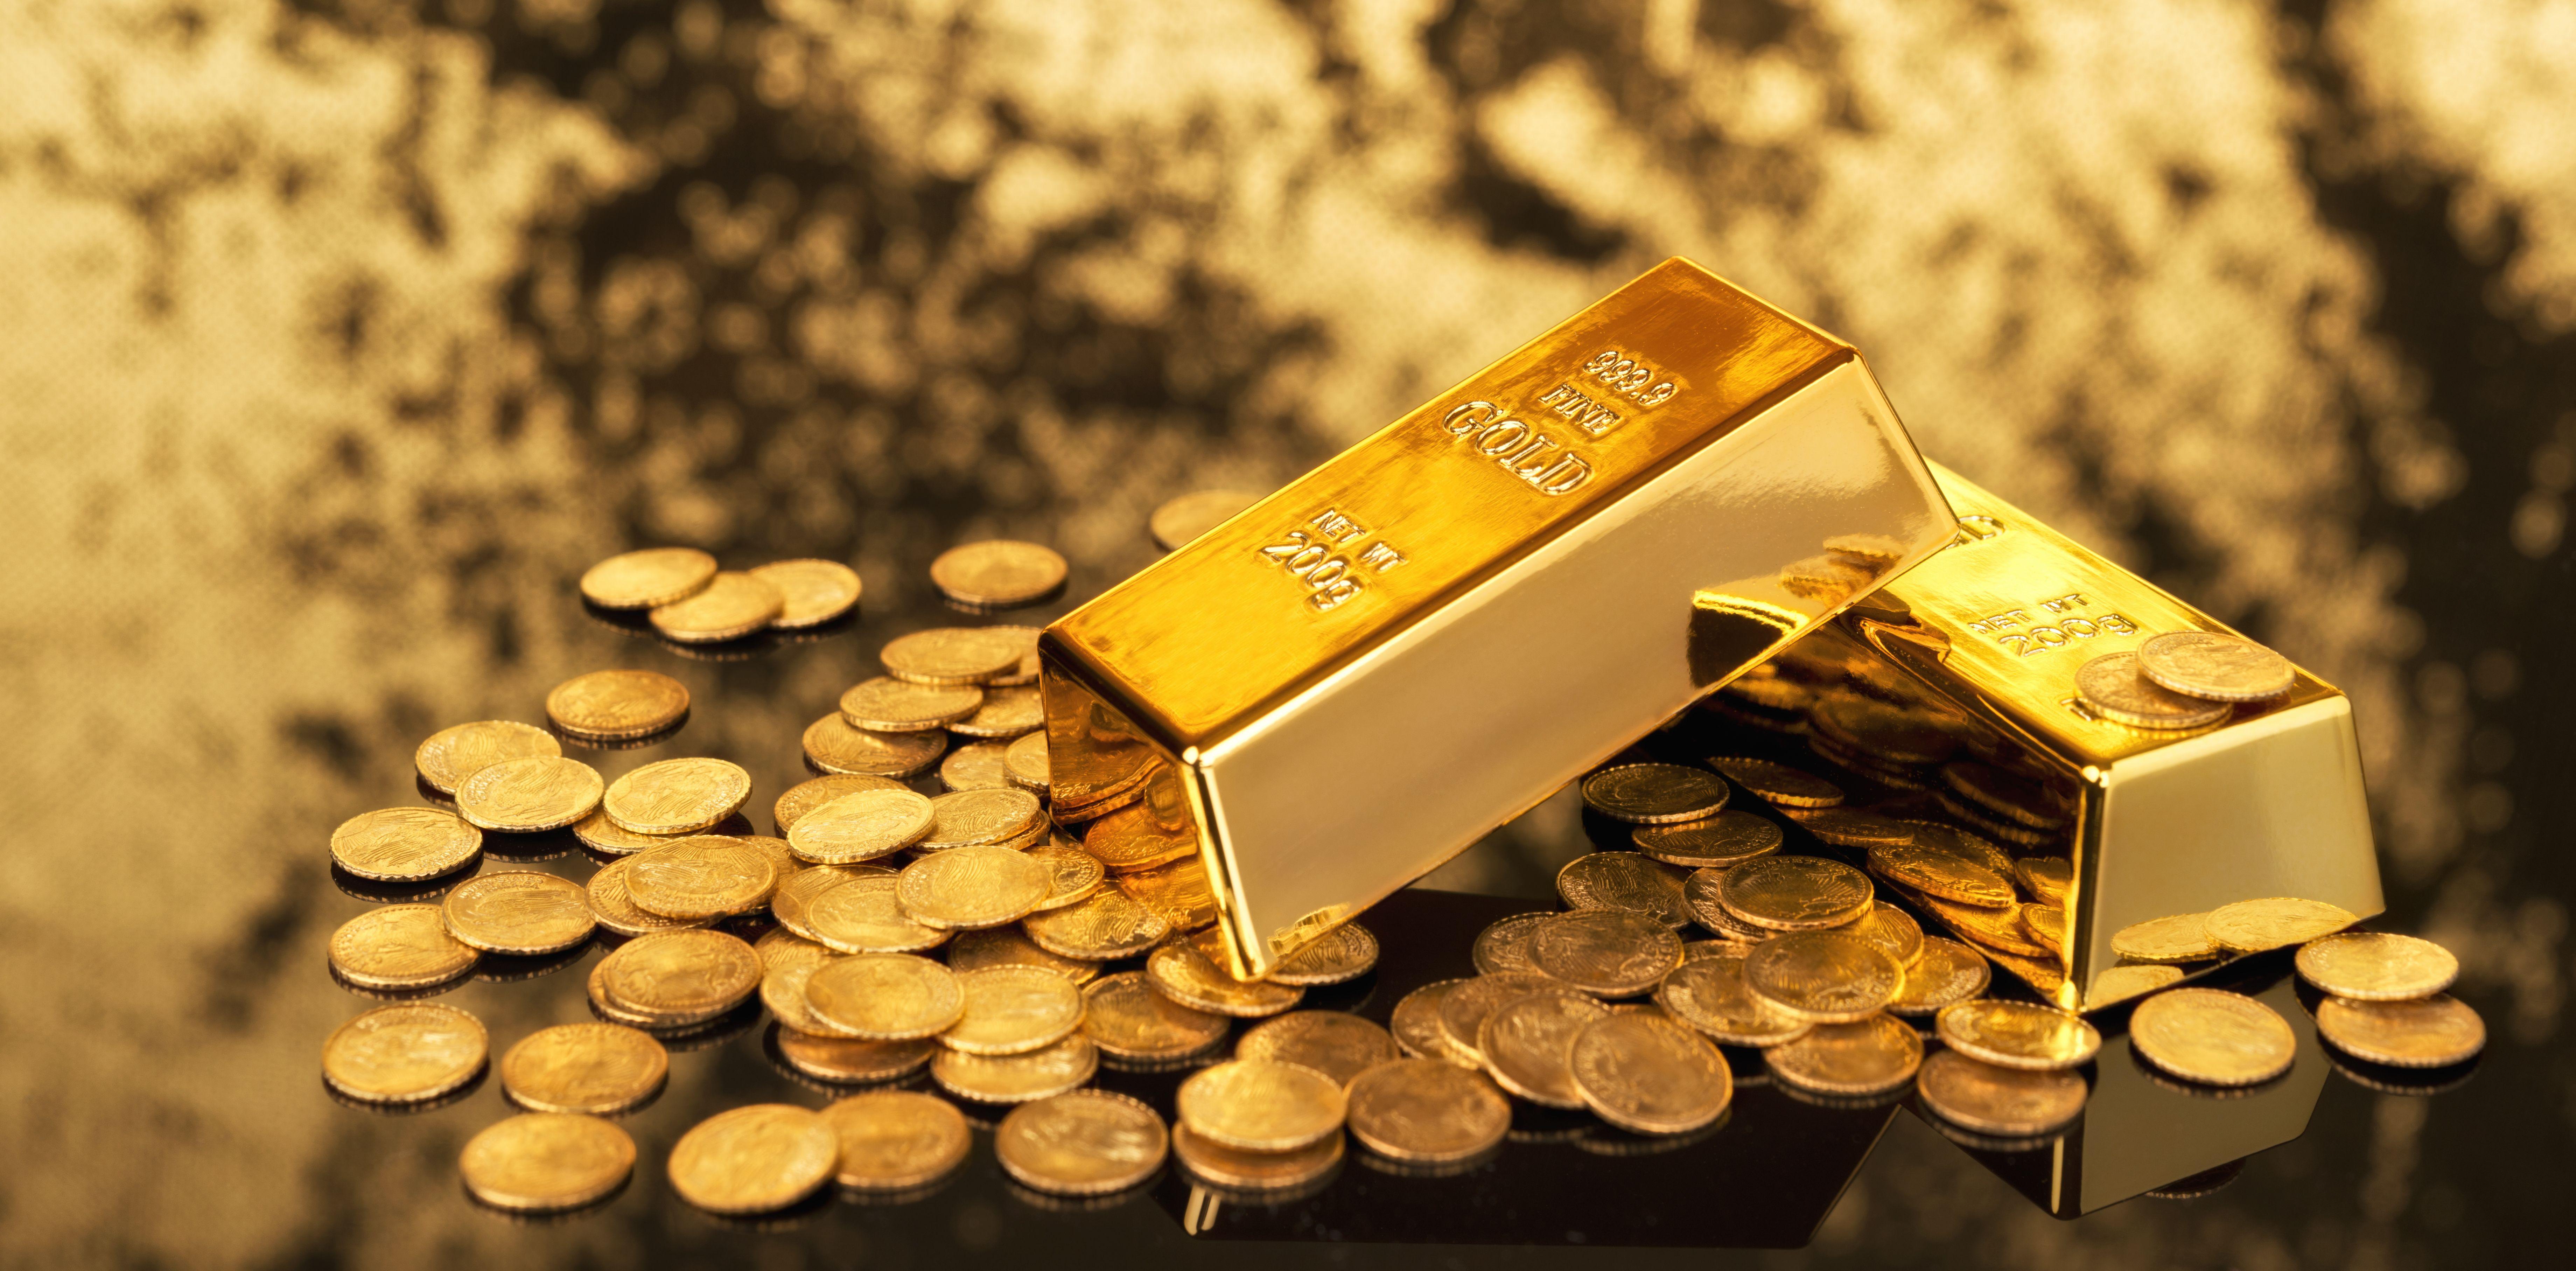 d88265ea9ace Compra venta de oro y plata  Servicios de Oroxeurogandia